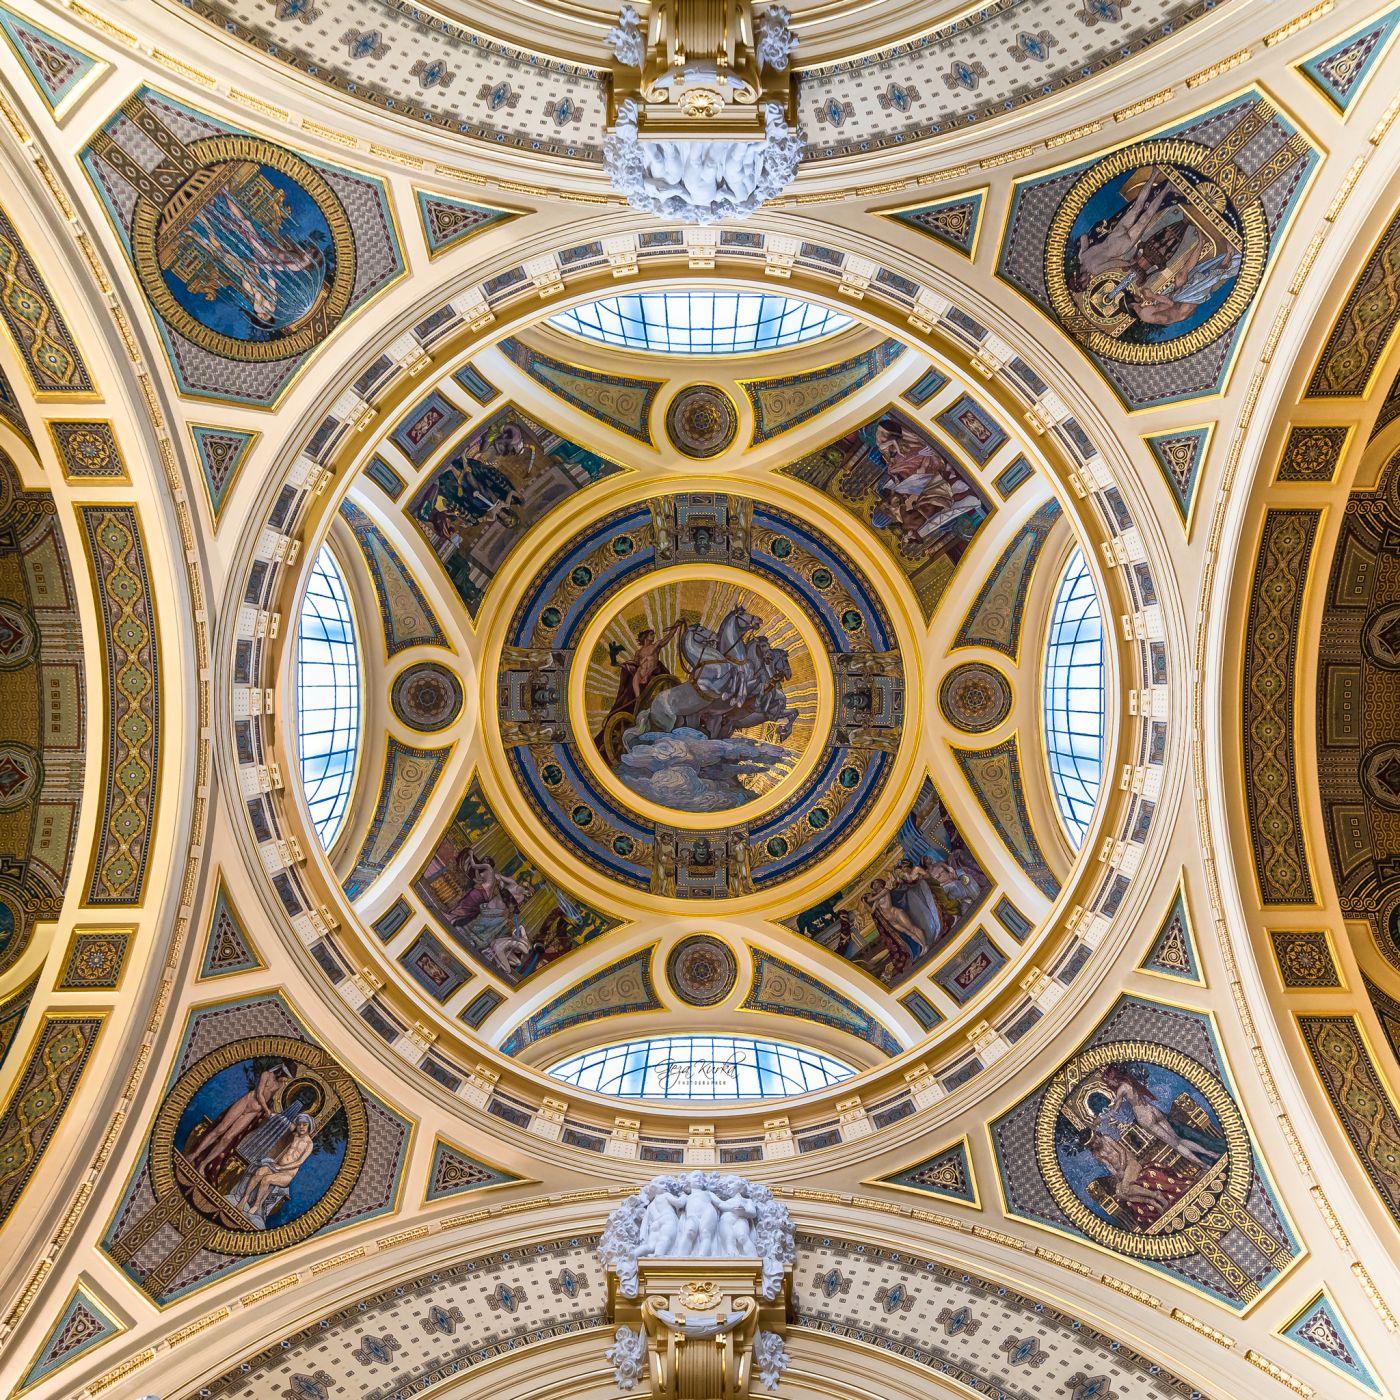 Szechenyi thermal bath's cupola, Hungary